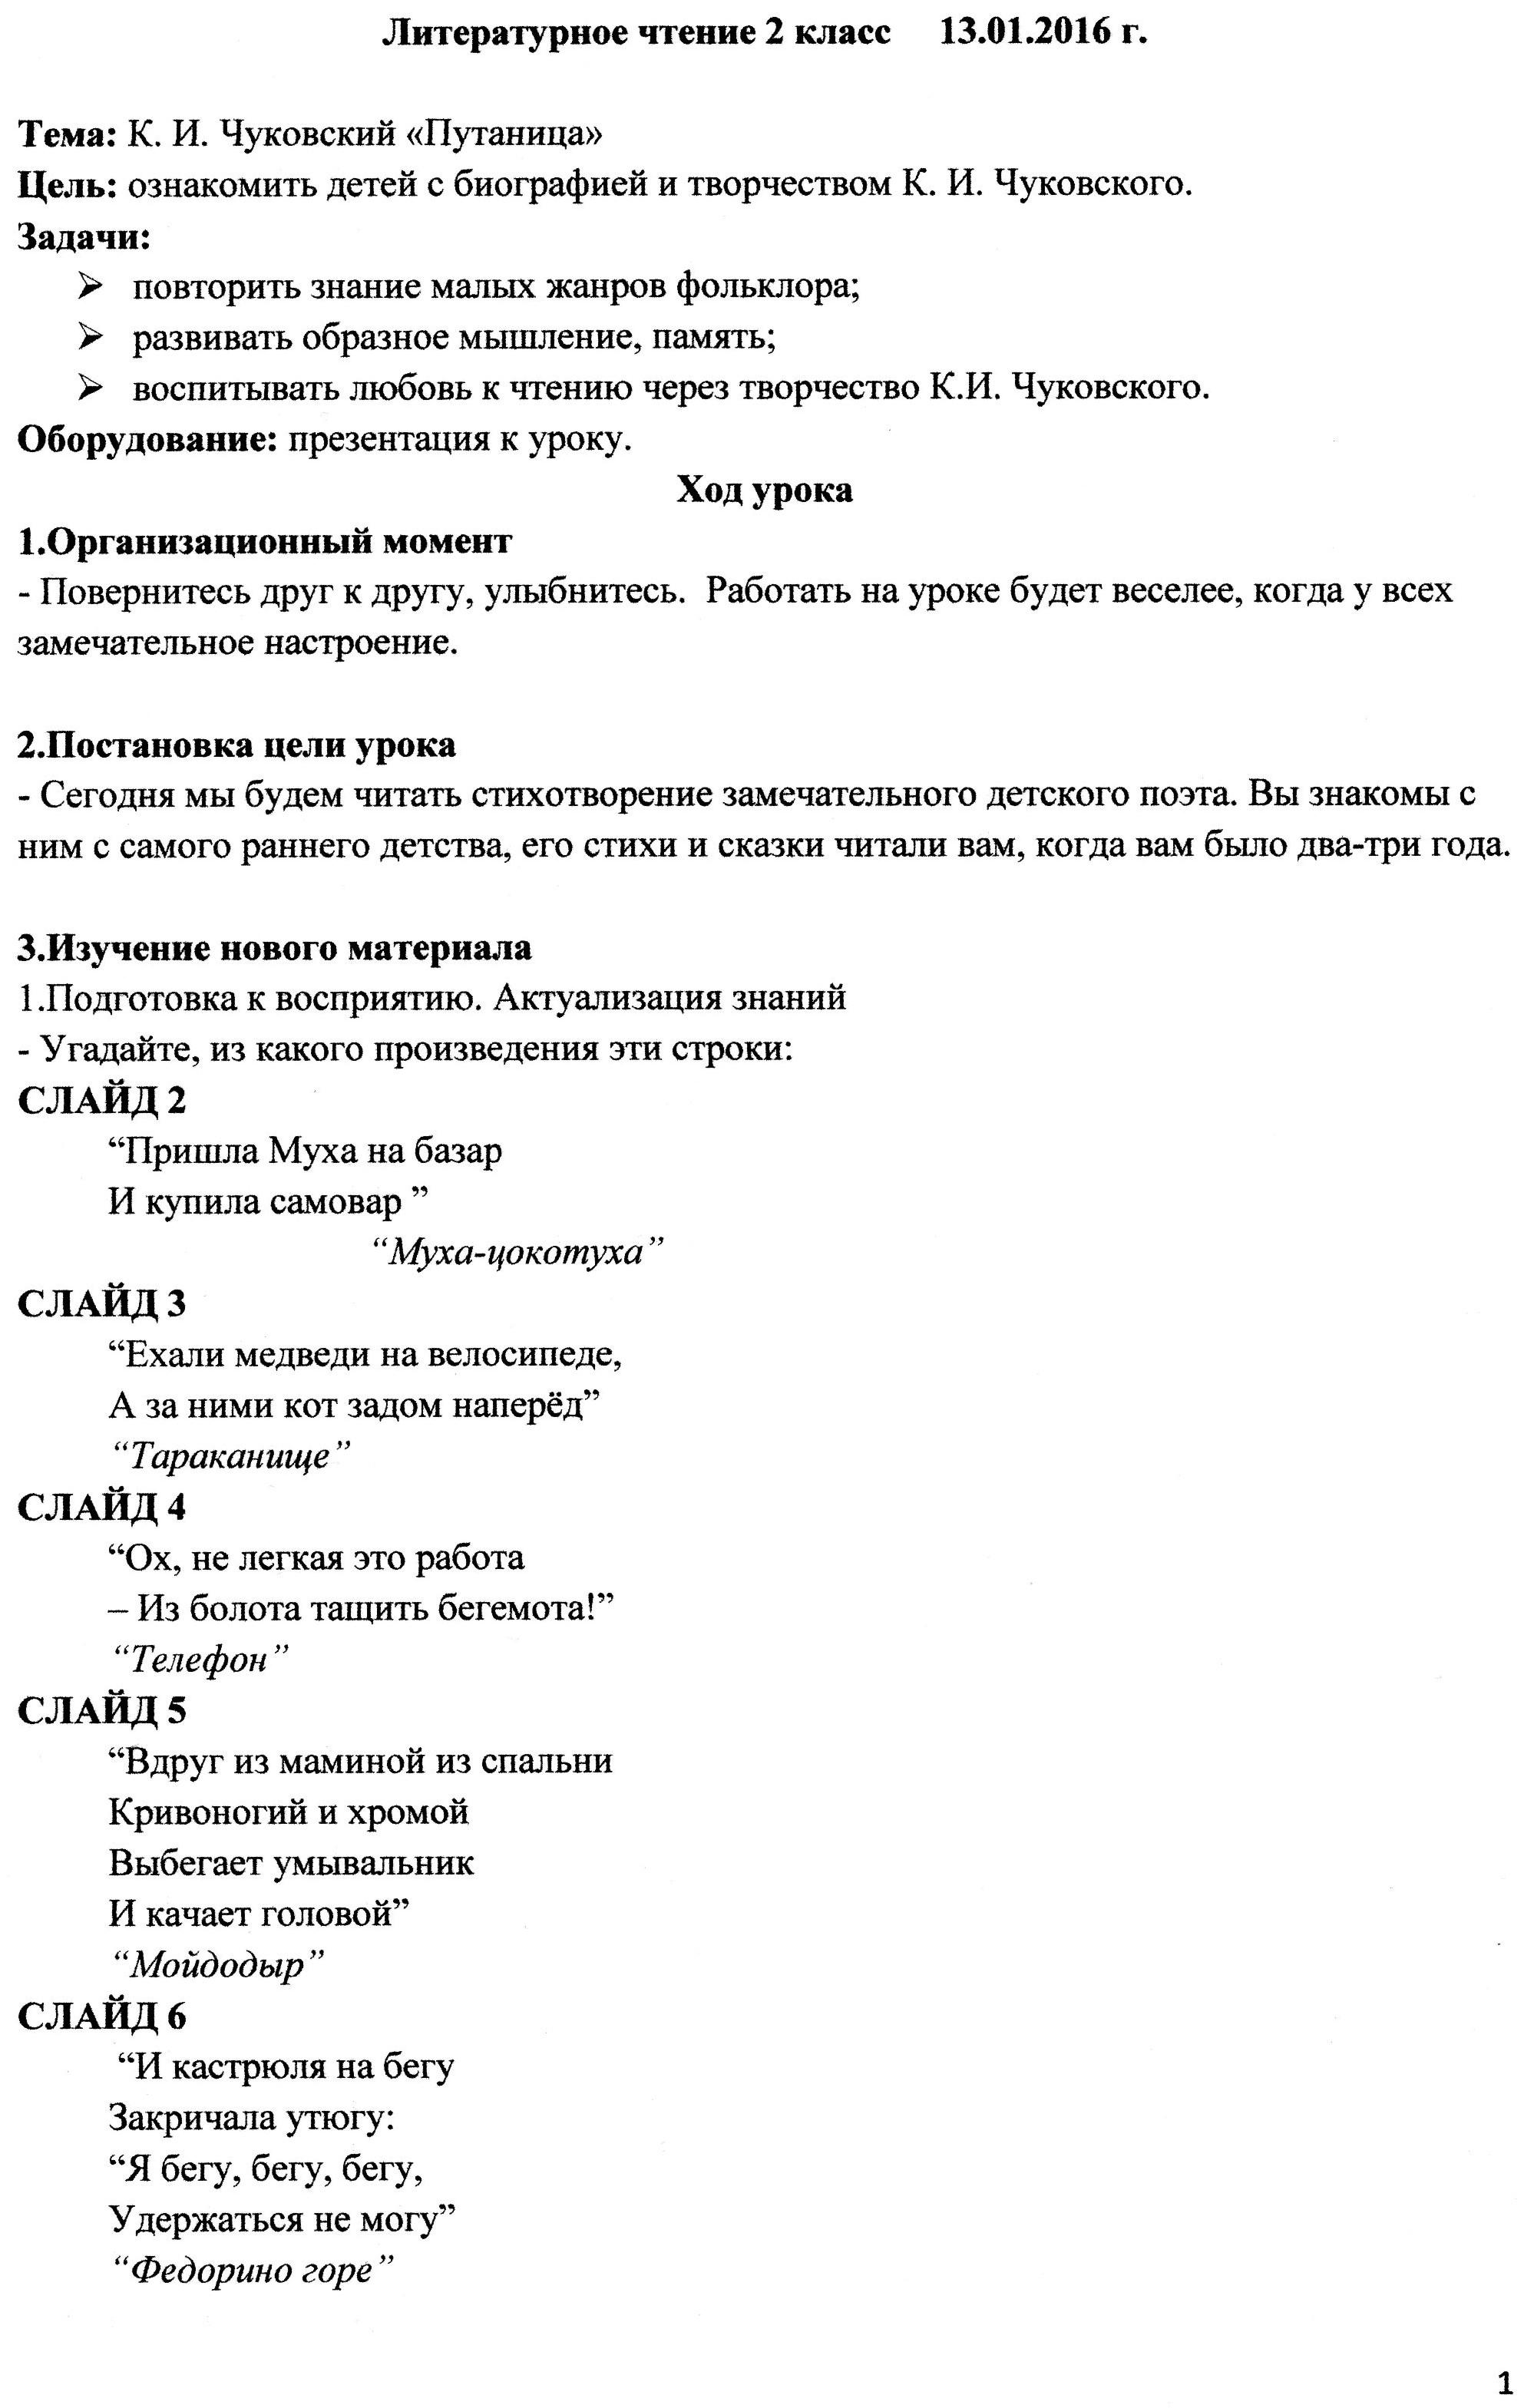 D:\курсы повышения квалификации\Галина\img217.jpg